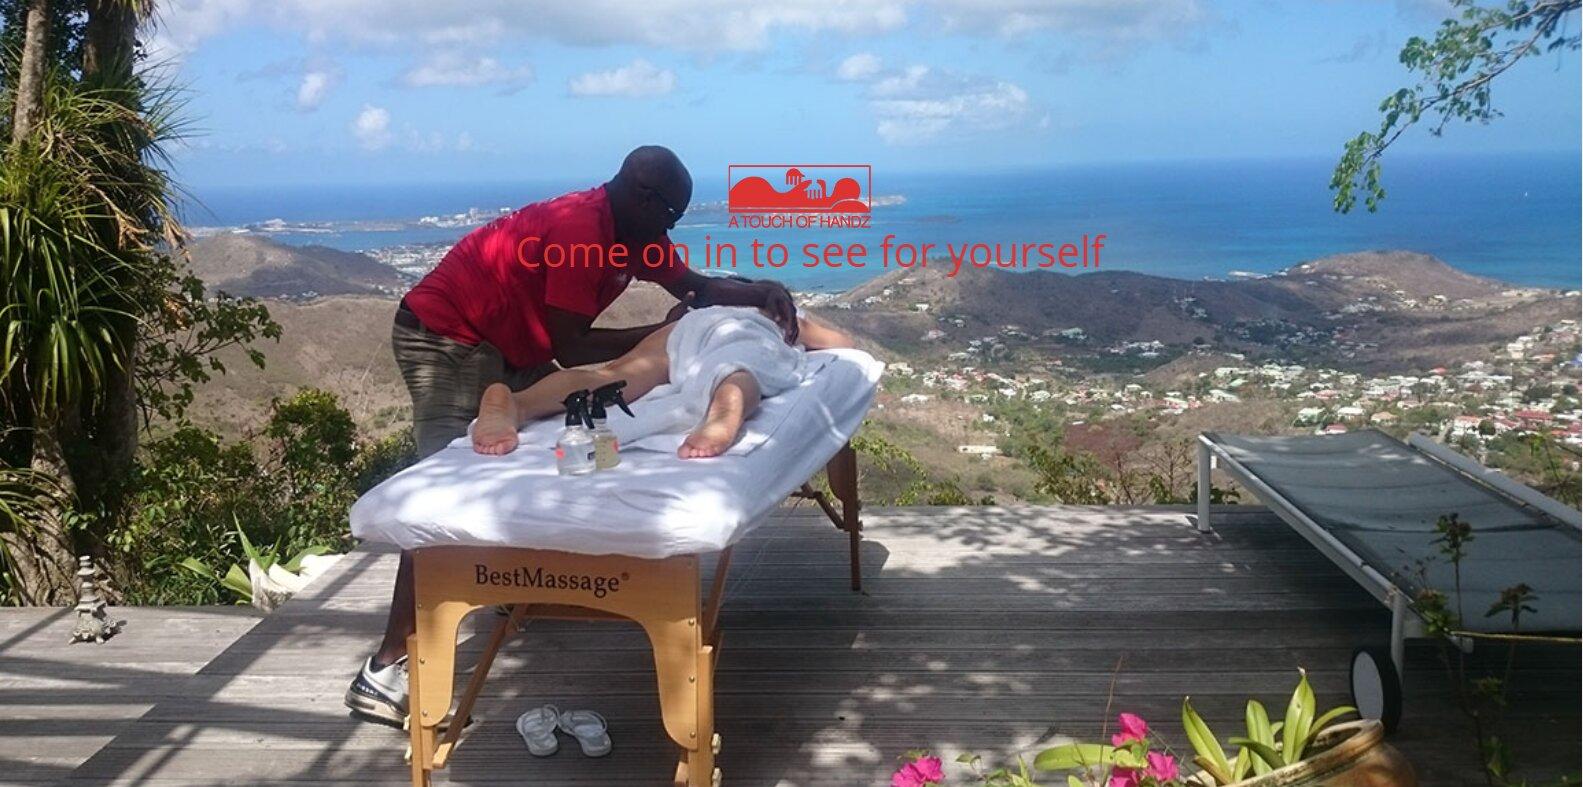 Sint Maarten Couples Massage Service